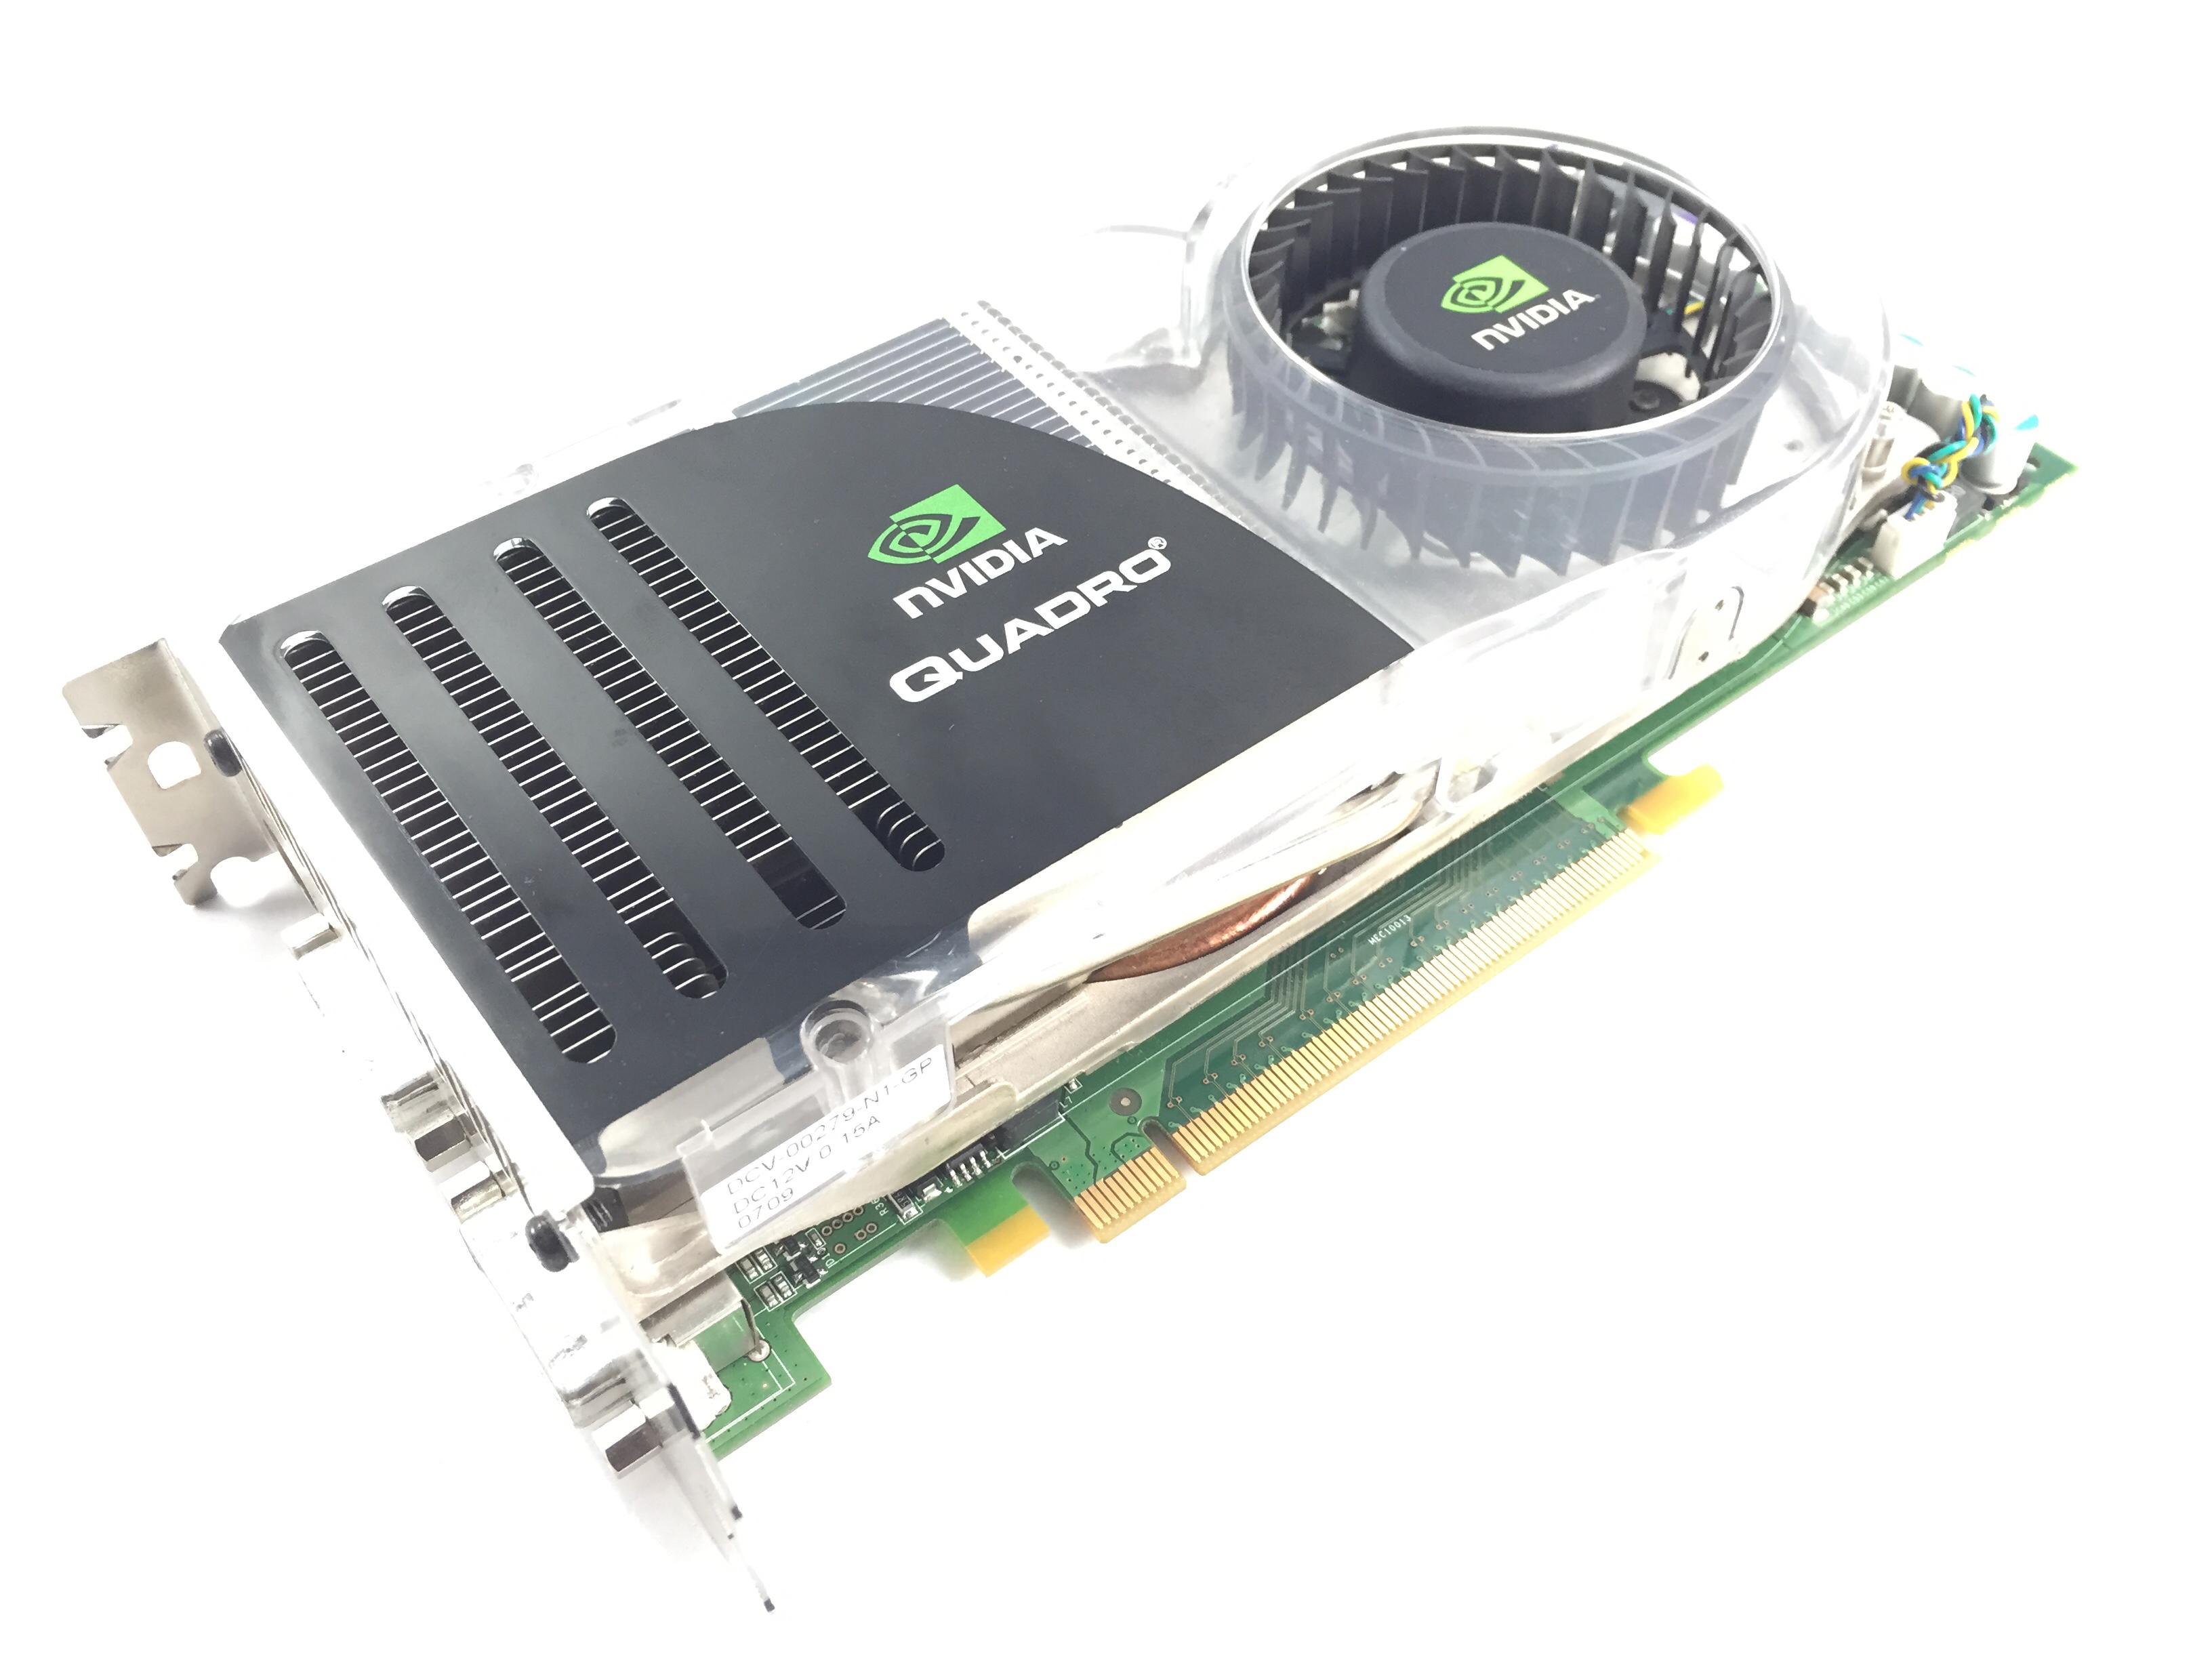 Nvidia Quadrofx 4600 768MB GDDR3 384-Bit Pci Express X16 Graphics Card (FX4600)